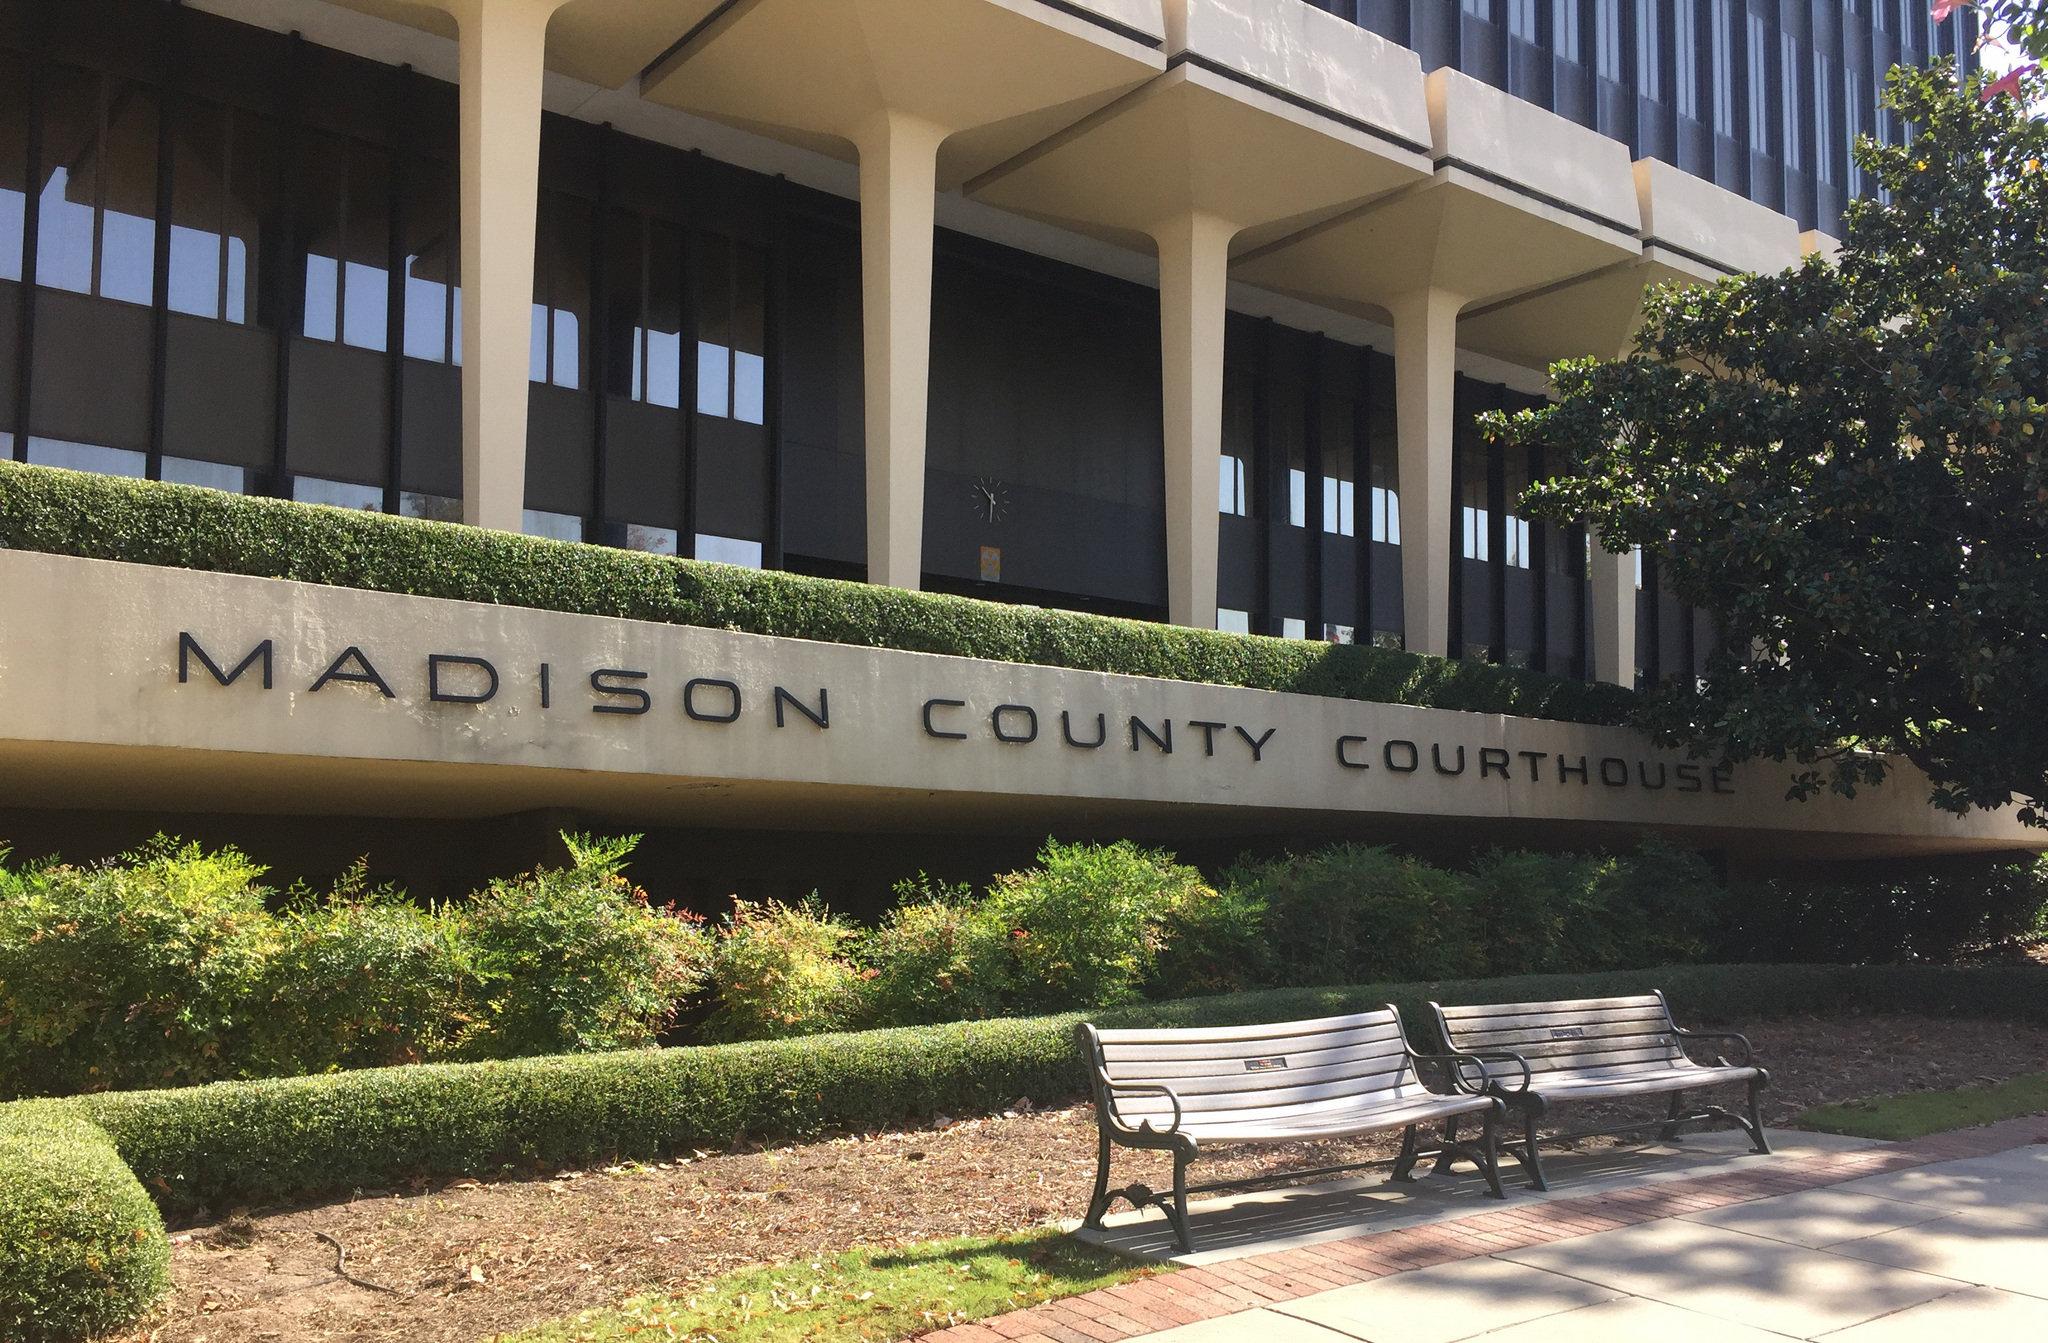 3rd suspect convicted in killing of paraplegic Huntsville man